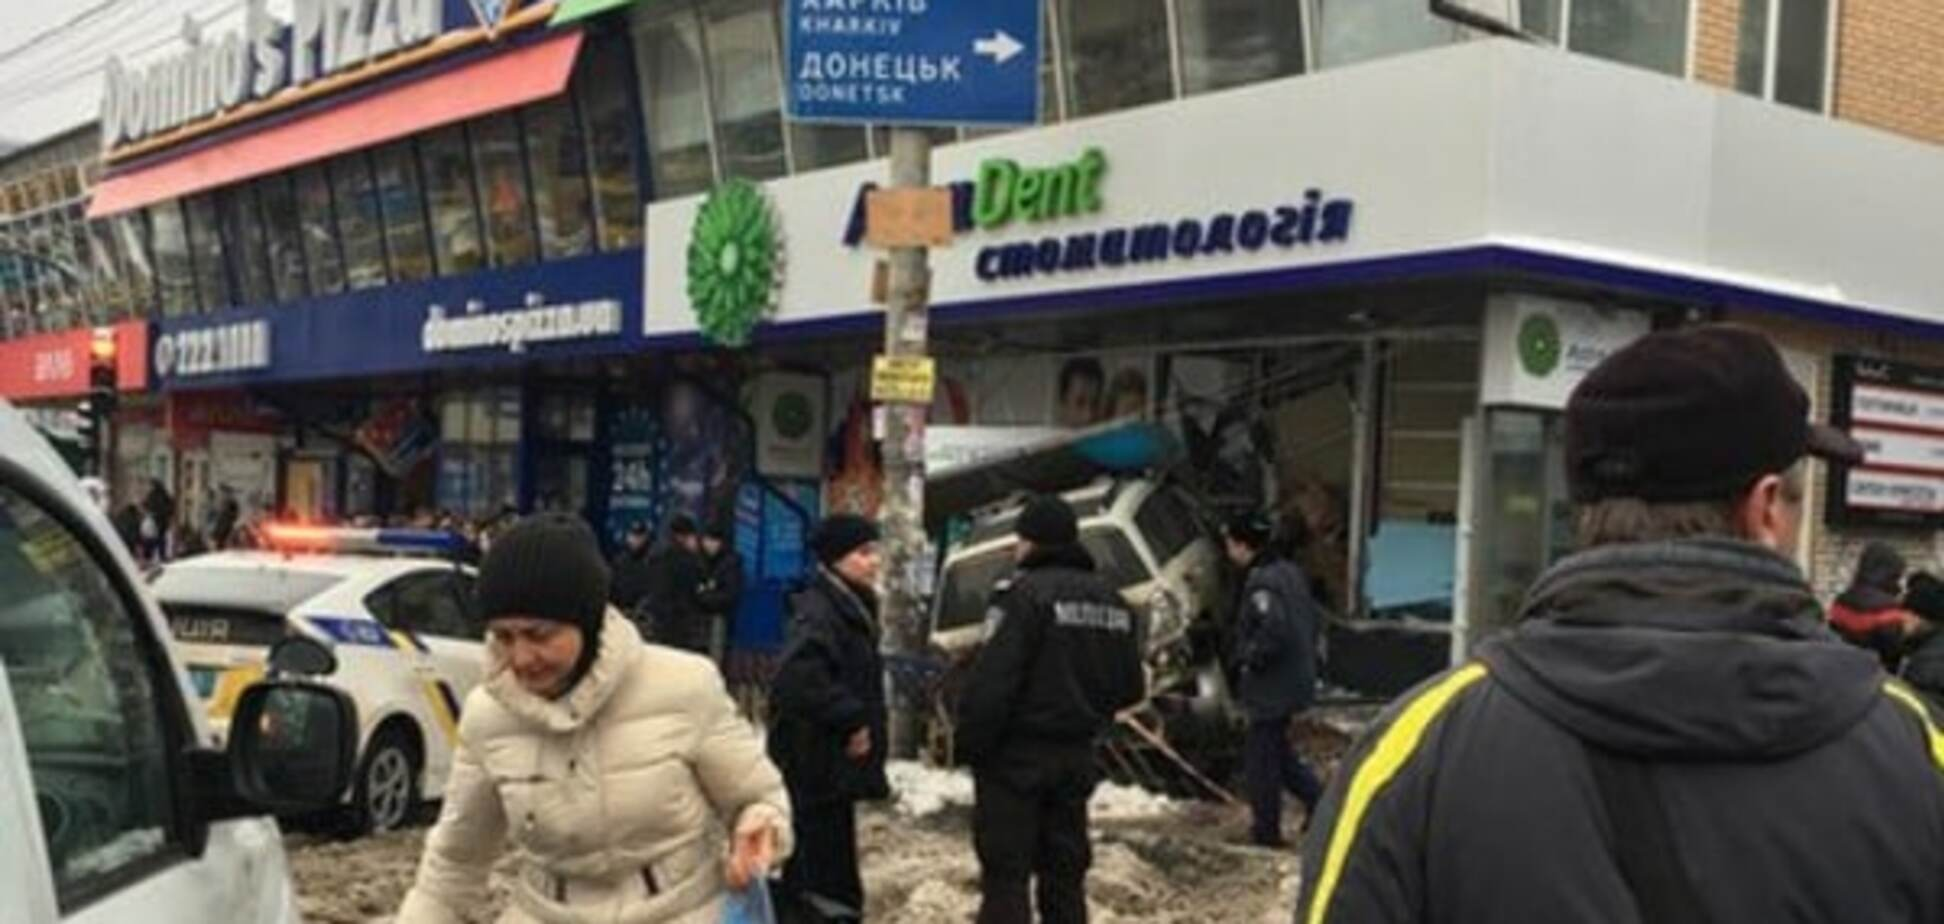 У Києві на 'Лівобережній' позашляховик протаранив стіну стоматології: є жертви. Фоторепортаж